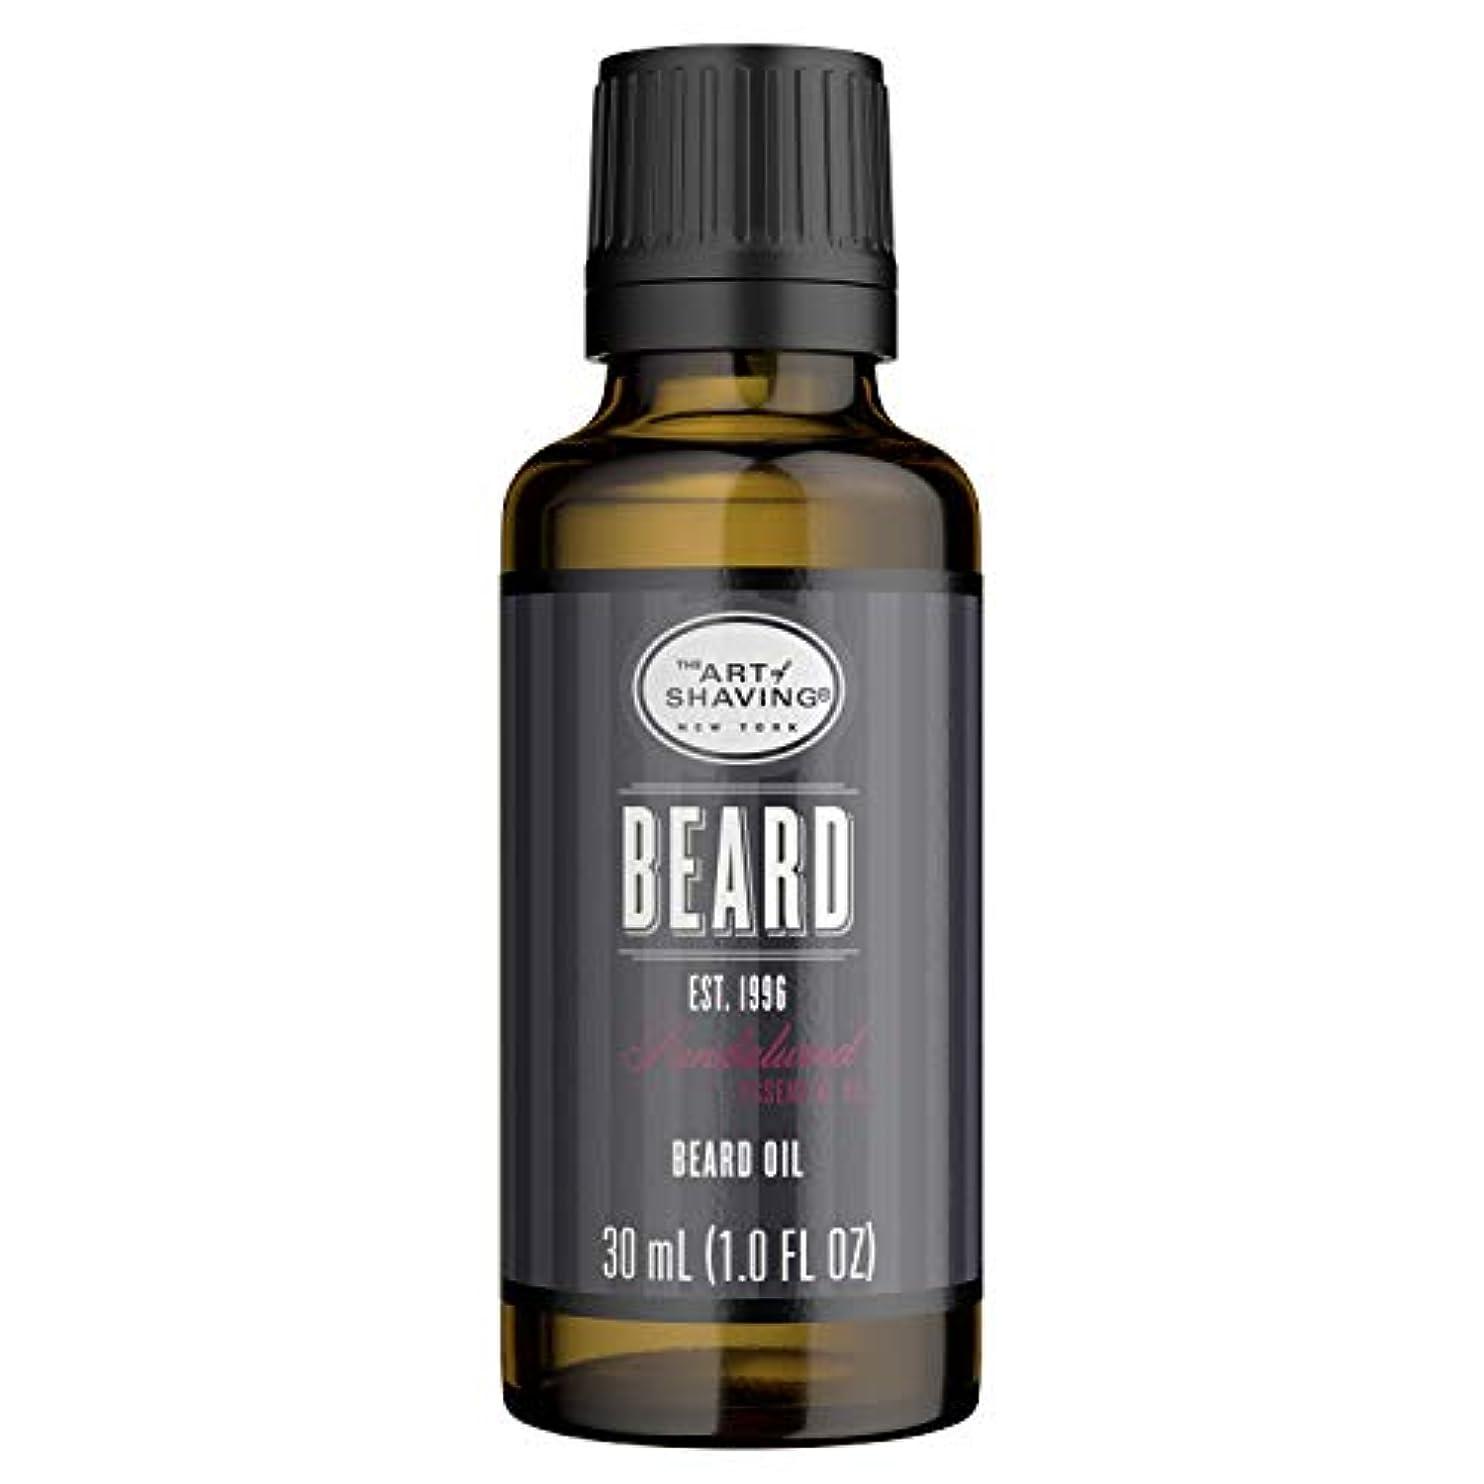 架空のガイドラインふつうアートオブシェービング Beard Oil - Sandalwood Essential Oil 30ml/1oz並行輸入品